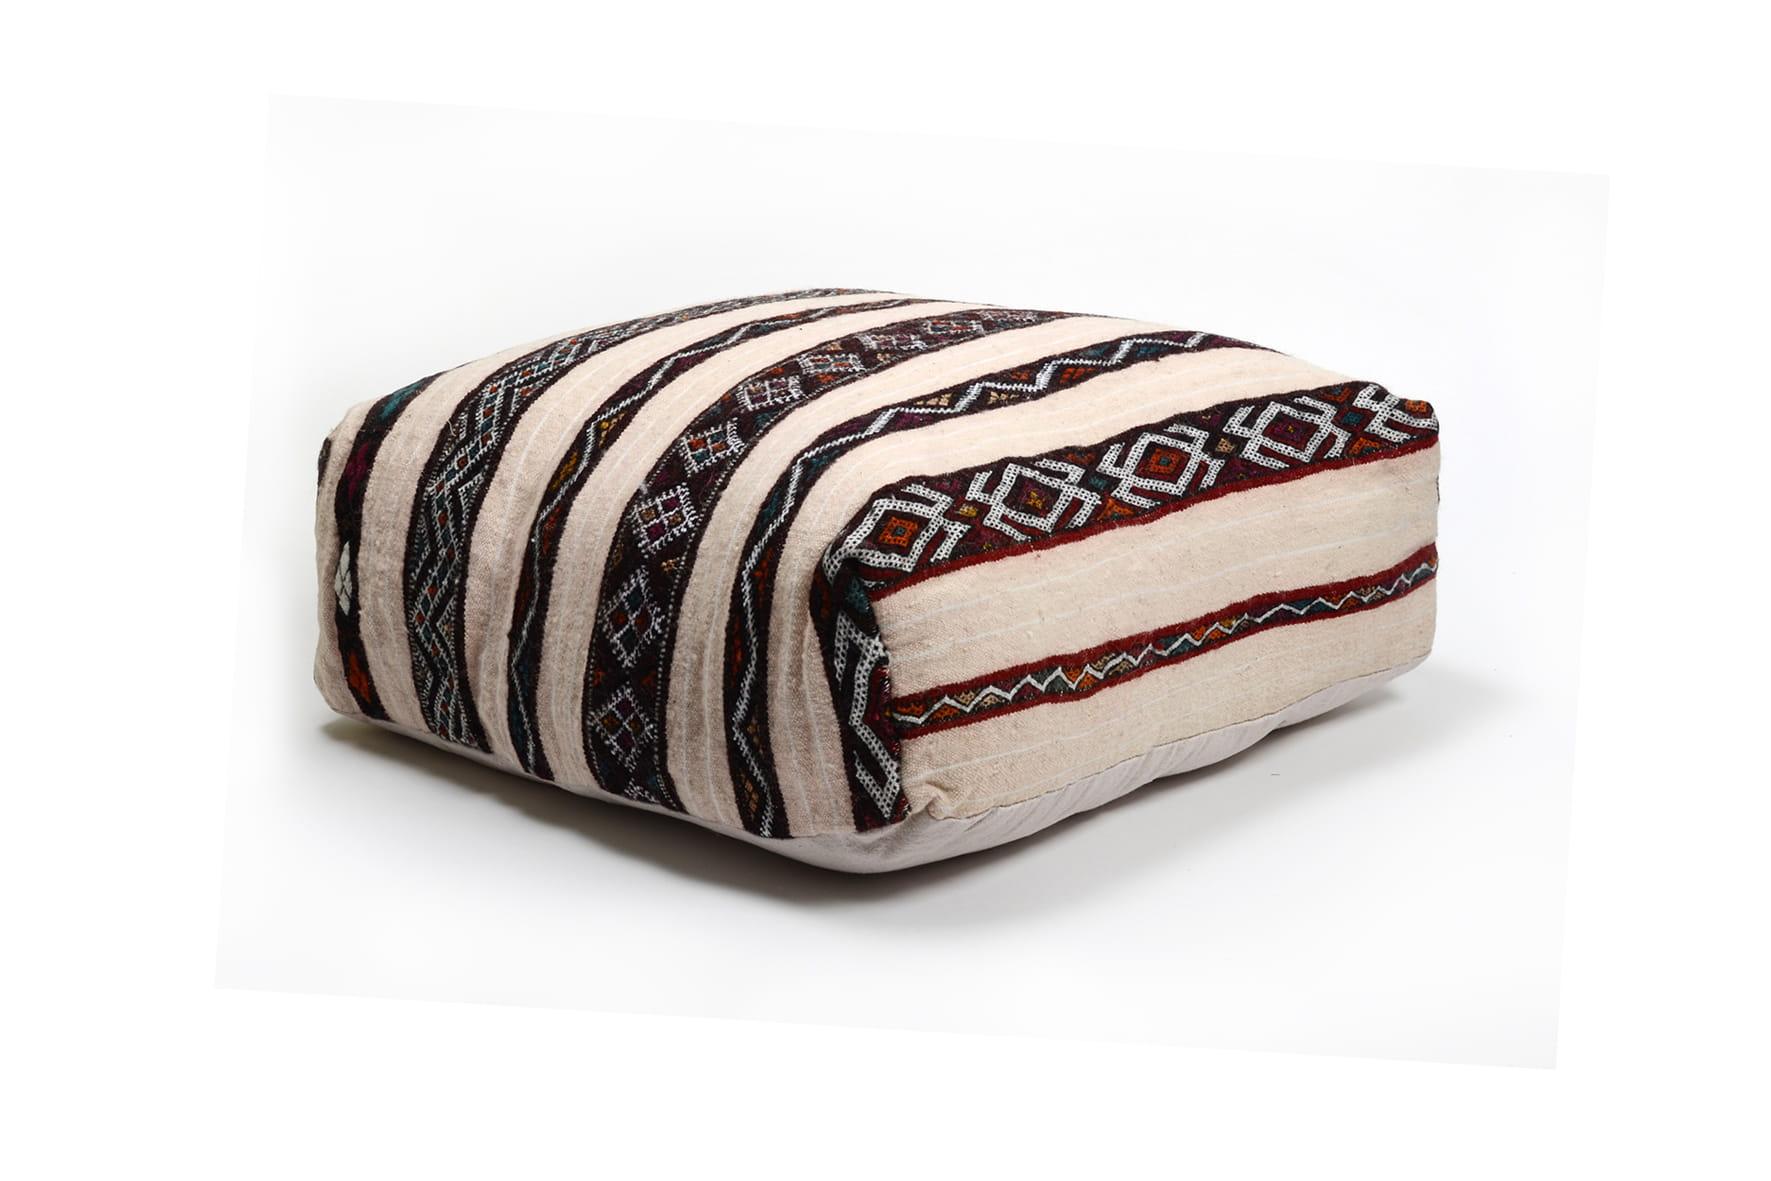 pouf marocain chez cabane indigo d co ethnique chic. Black Bedroom Furniture Sets. Home Design Ideas